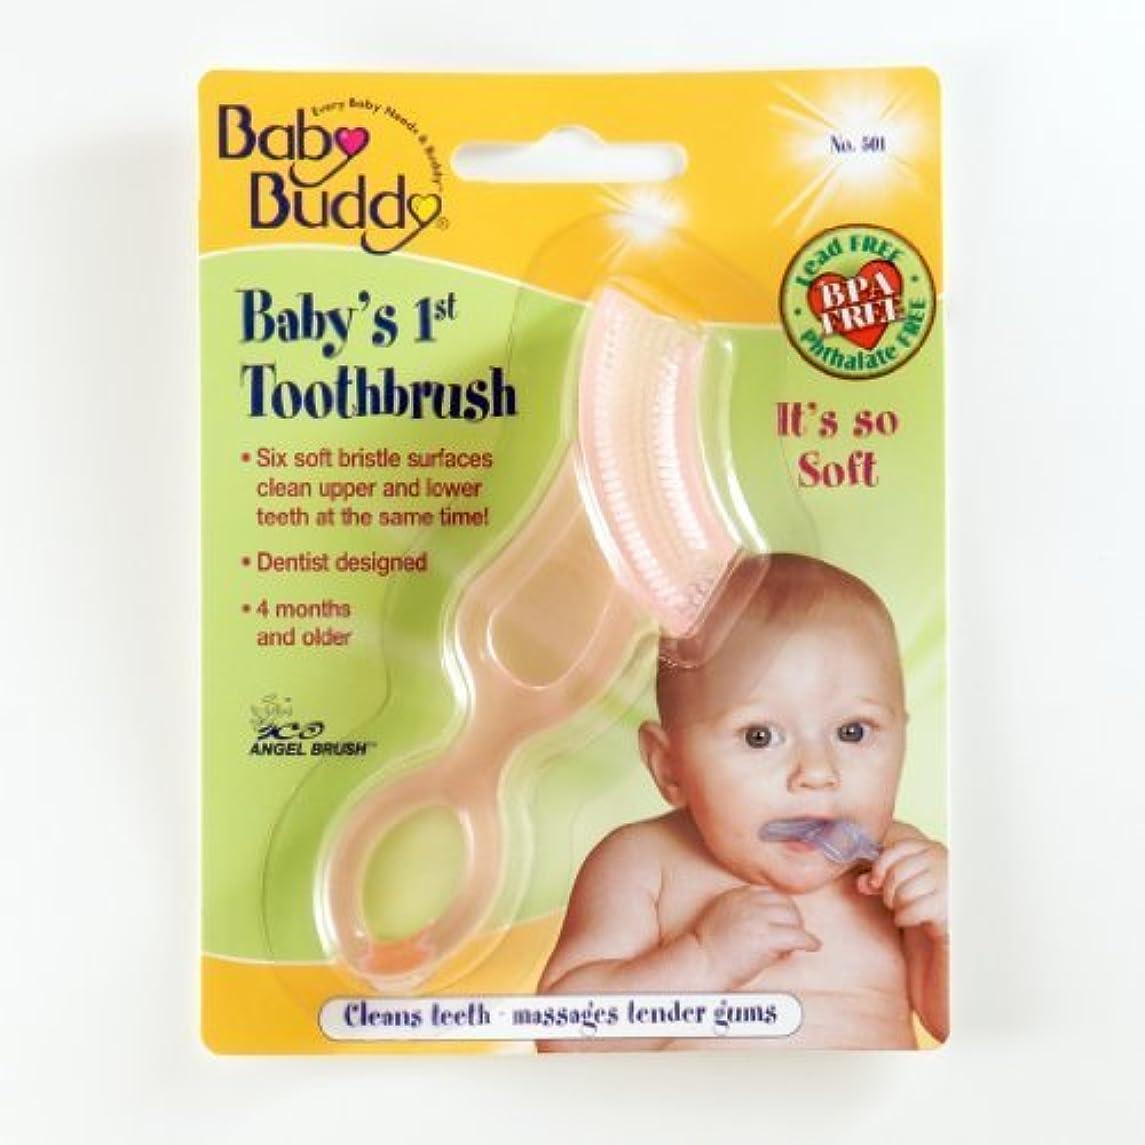 子供達恐れるハンカチBaby Buddy: Baby's 1st Toothbrush by Baby Buddy [並行輸入品]